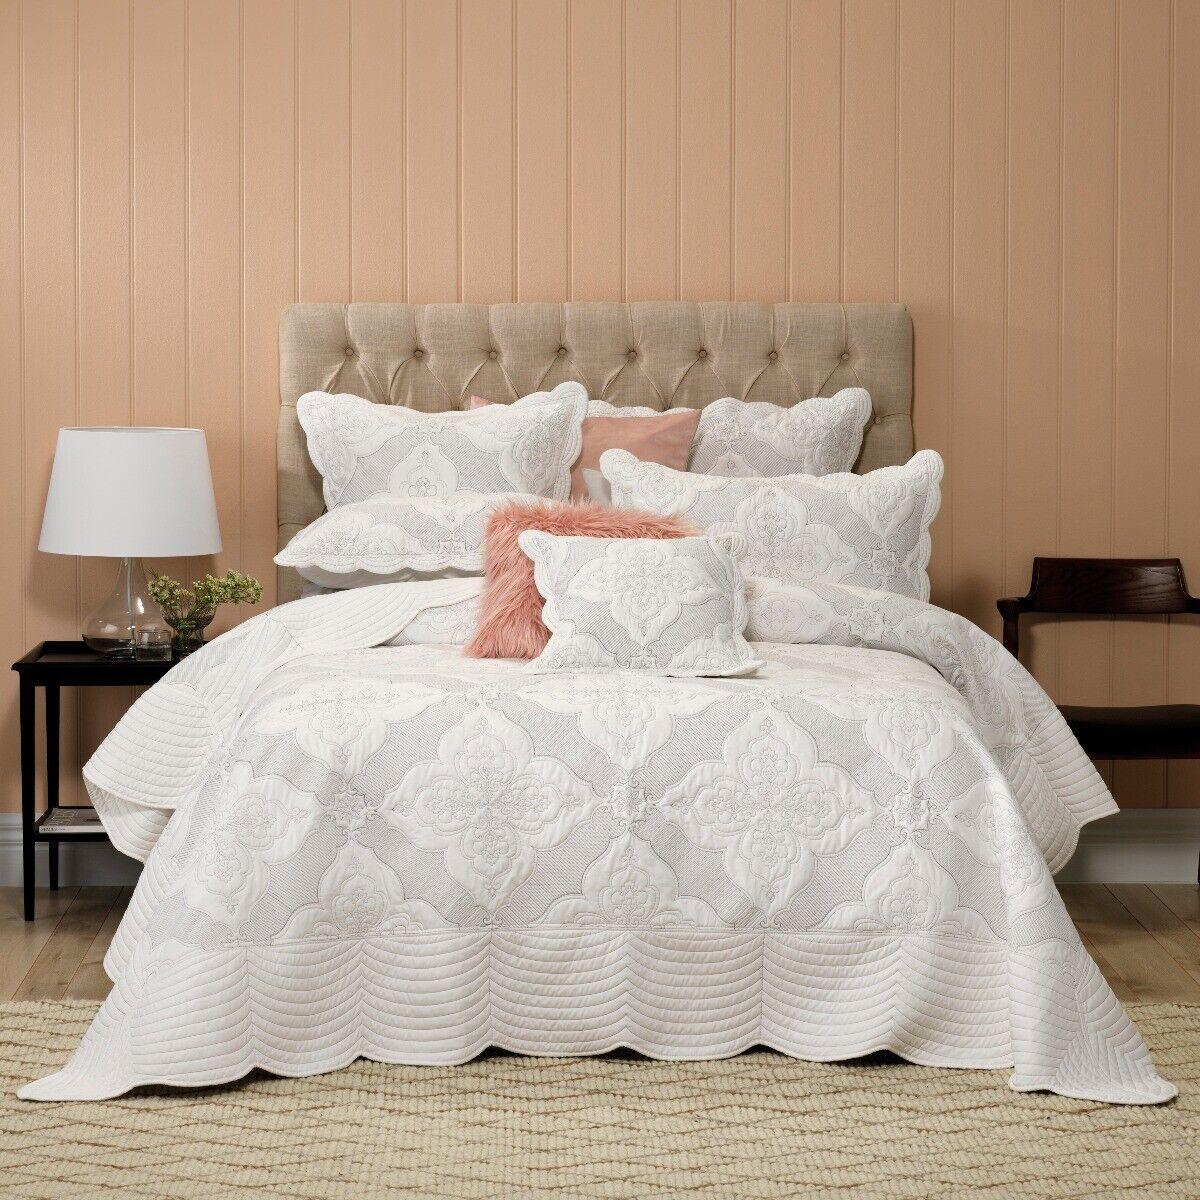 Weiß Madison Bedspread Set Weiß